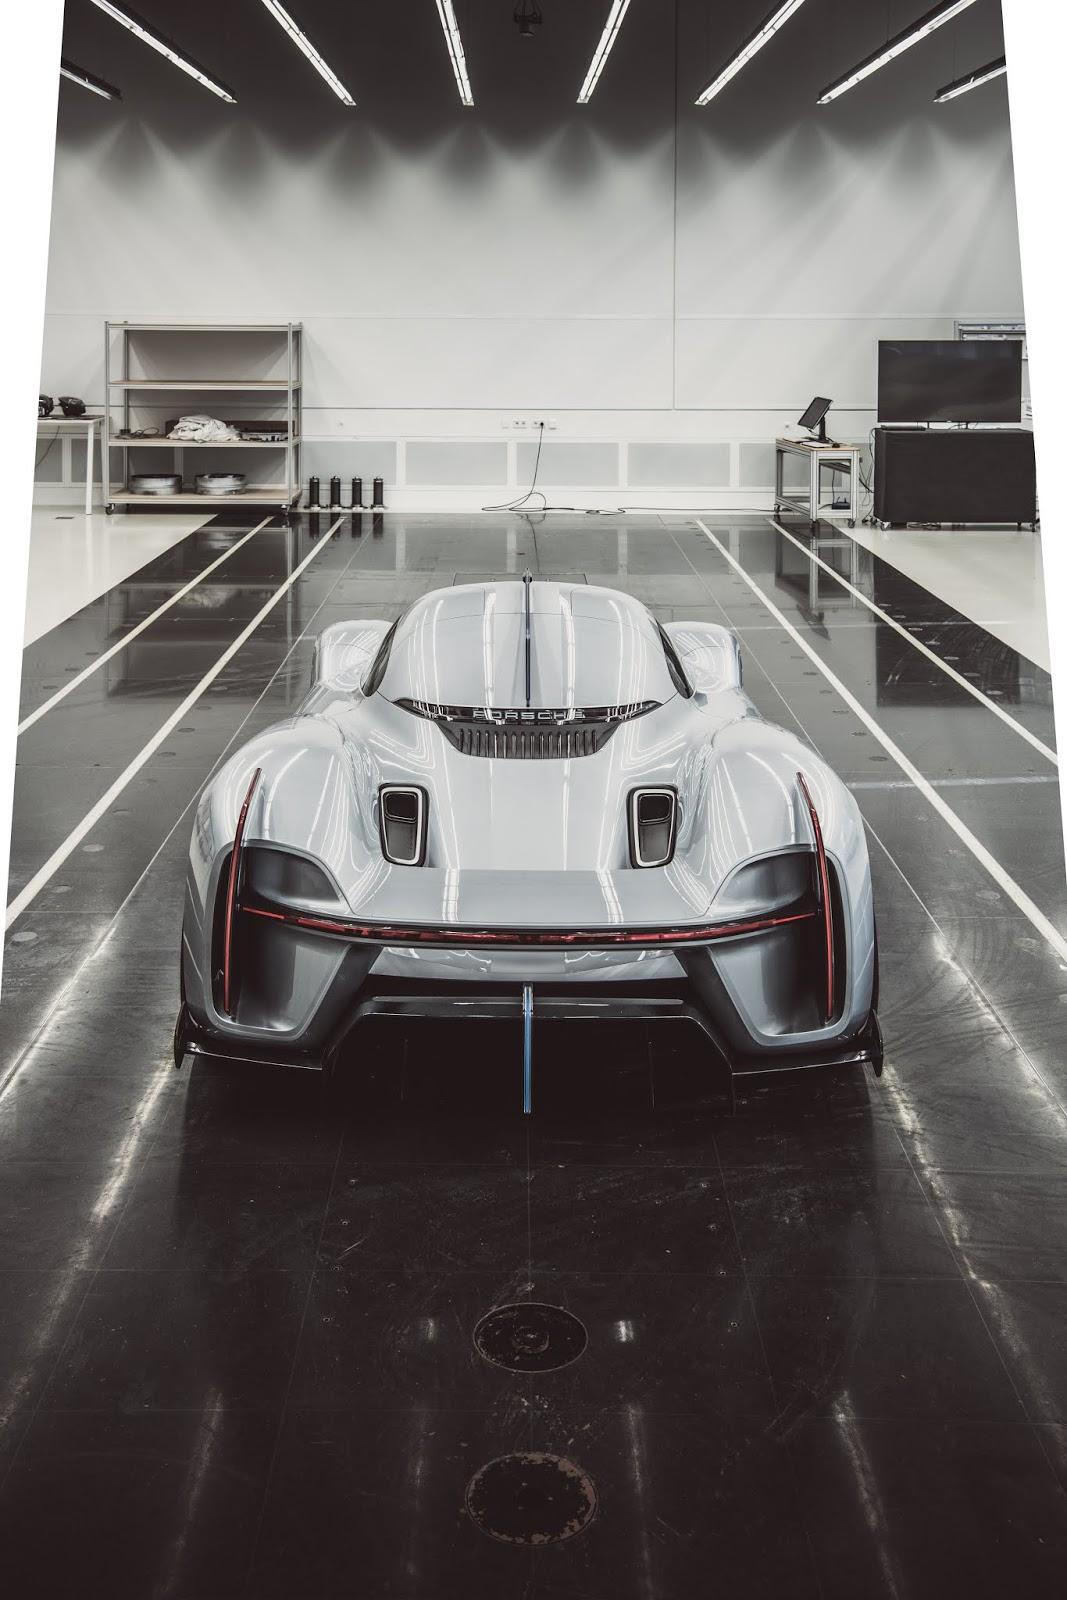 CUR7476 Τα άγνωστα Hypercars της Porsche hypercar, Porsche, Porsche Unseen, Sunday, supercar, supercars, zblog, ειδήσεις